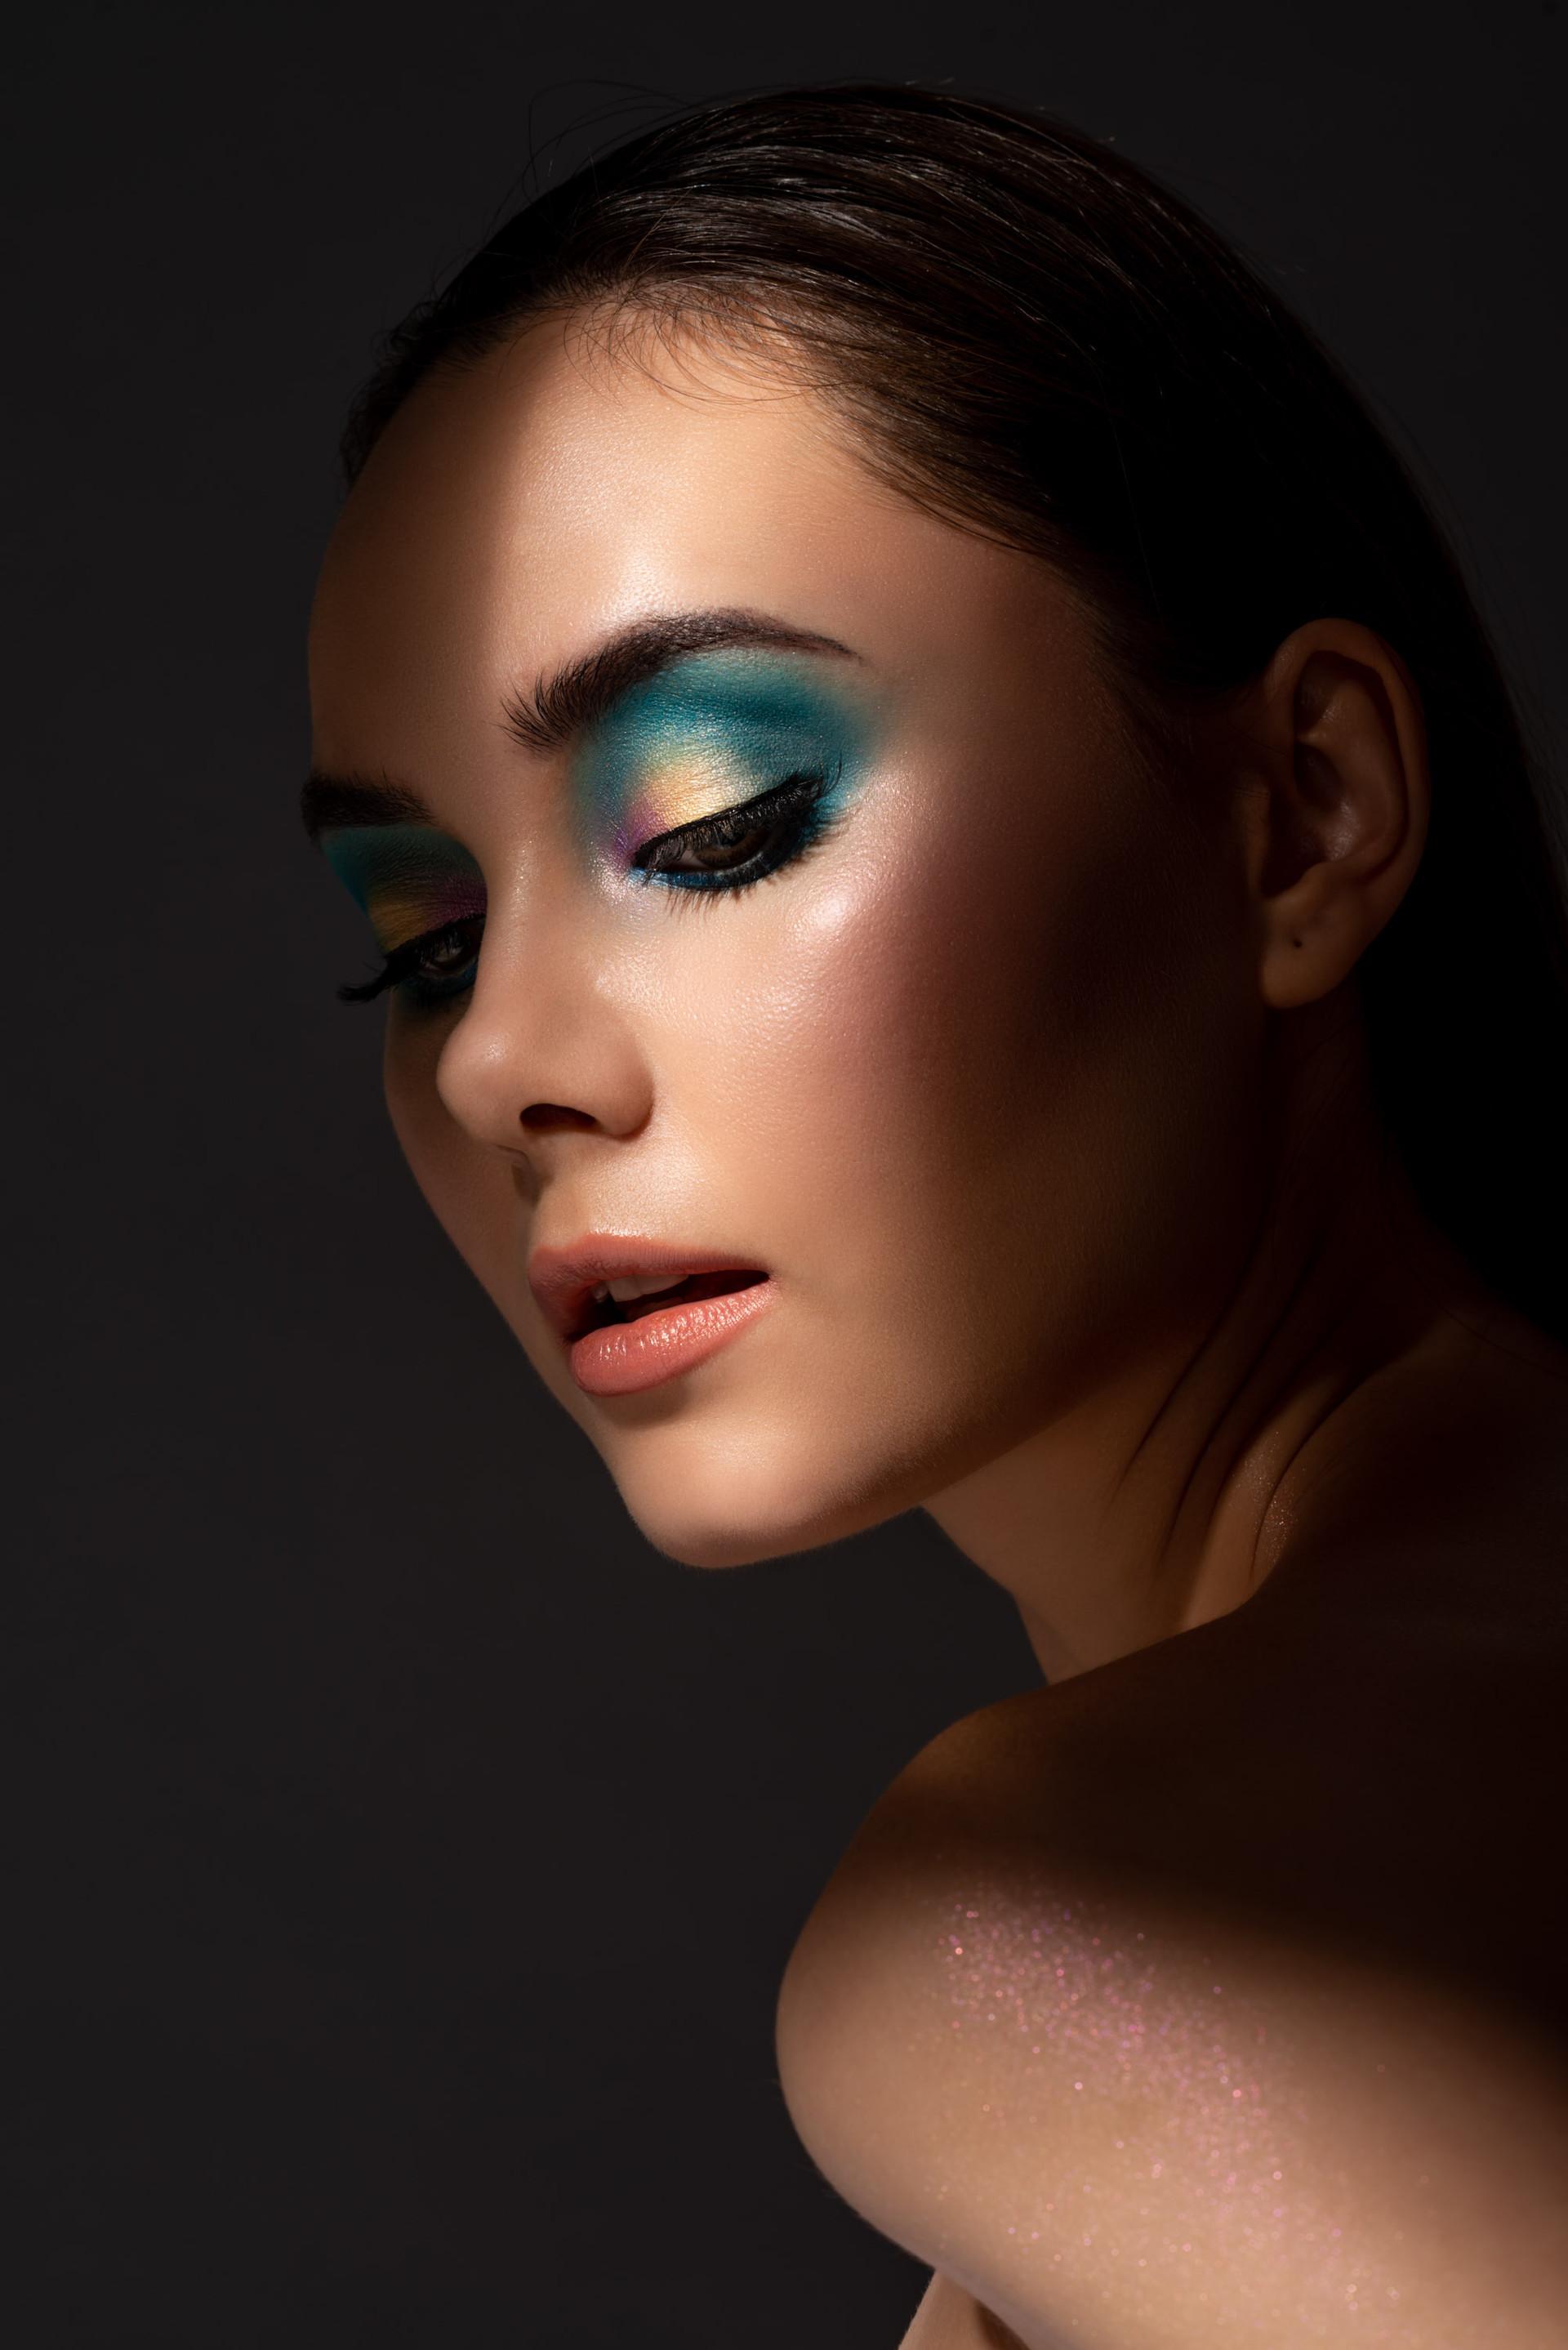 Photography by Antonio Del Rosario Model Nastassia Hubkina